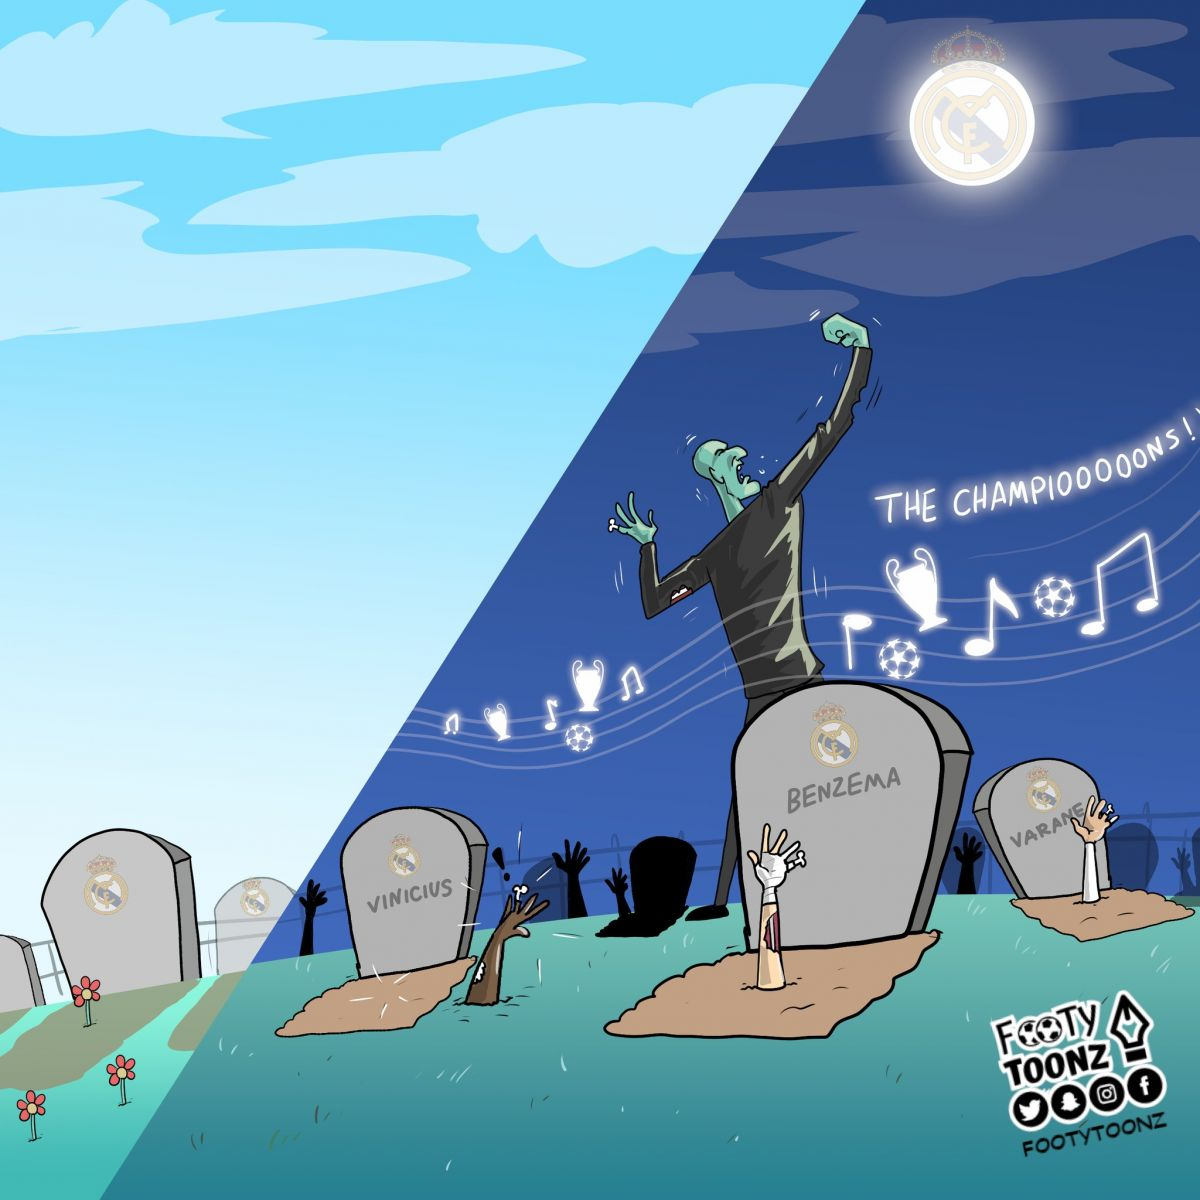 Karikatura: Zidan CHempionlar Ligasi madhiyasini eshitmoqda